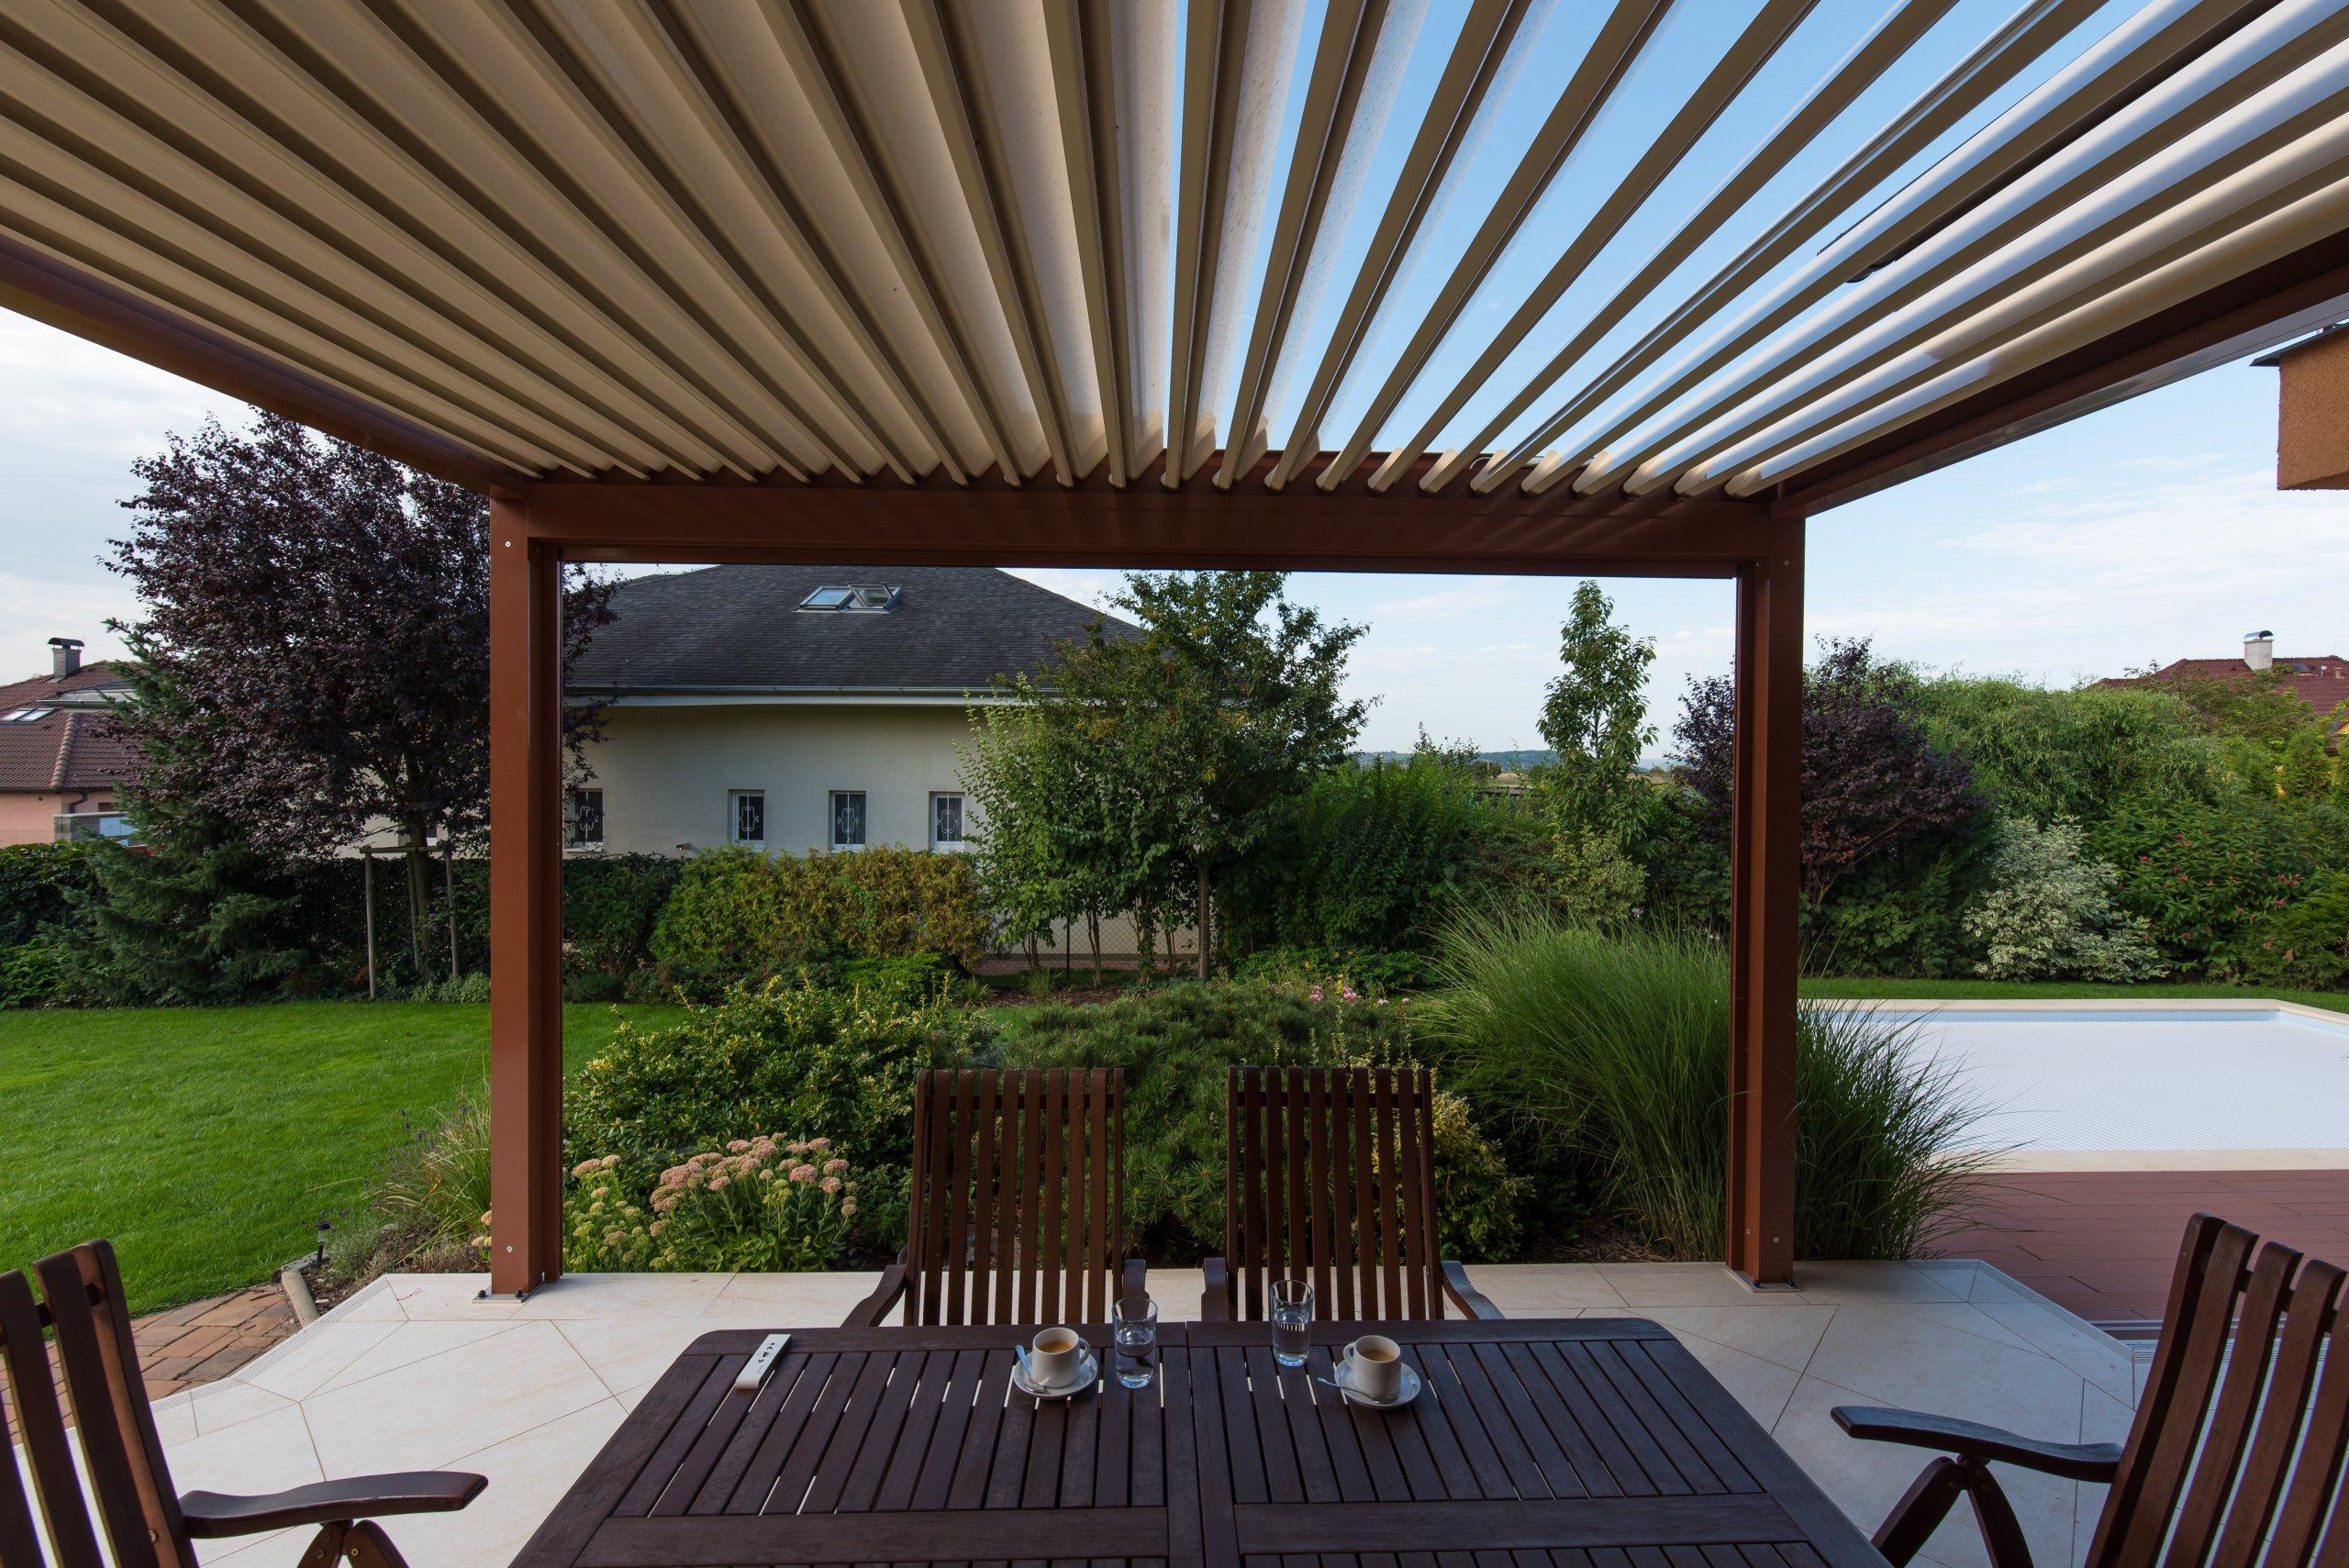 Realizace pergoly v Dobříči vznikla díky spolupráci se společností Technorol. K domu byla přistavěna hliníková pergola s bioklimatickými funkcemi. Zastřešení…